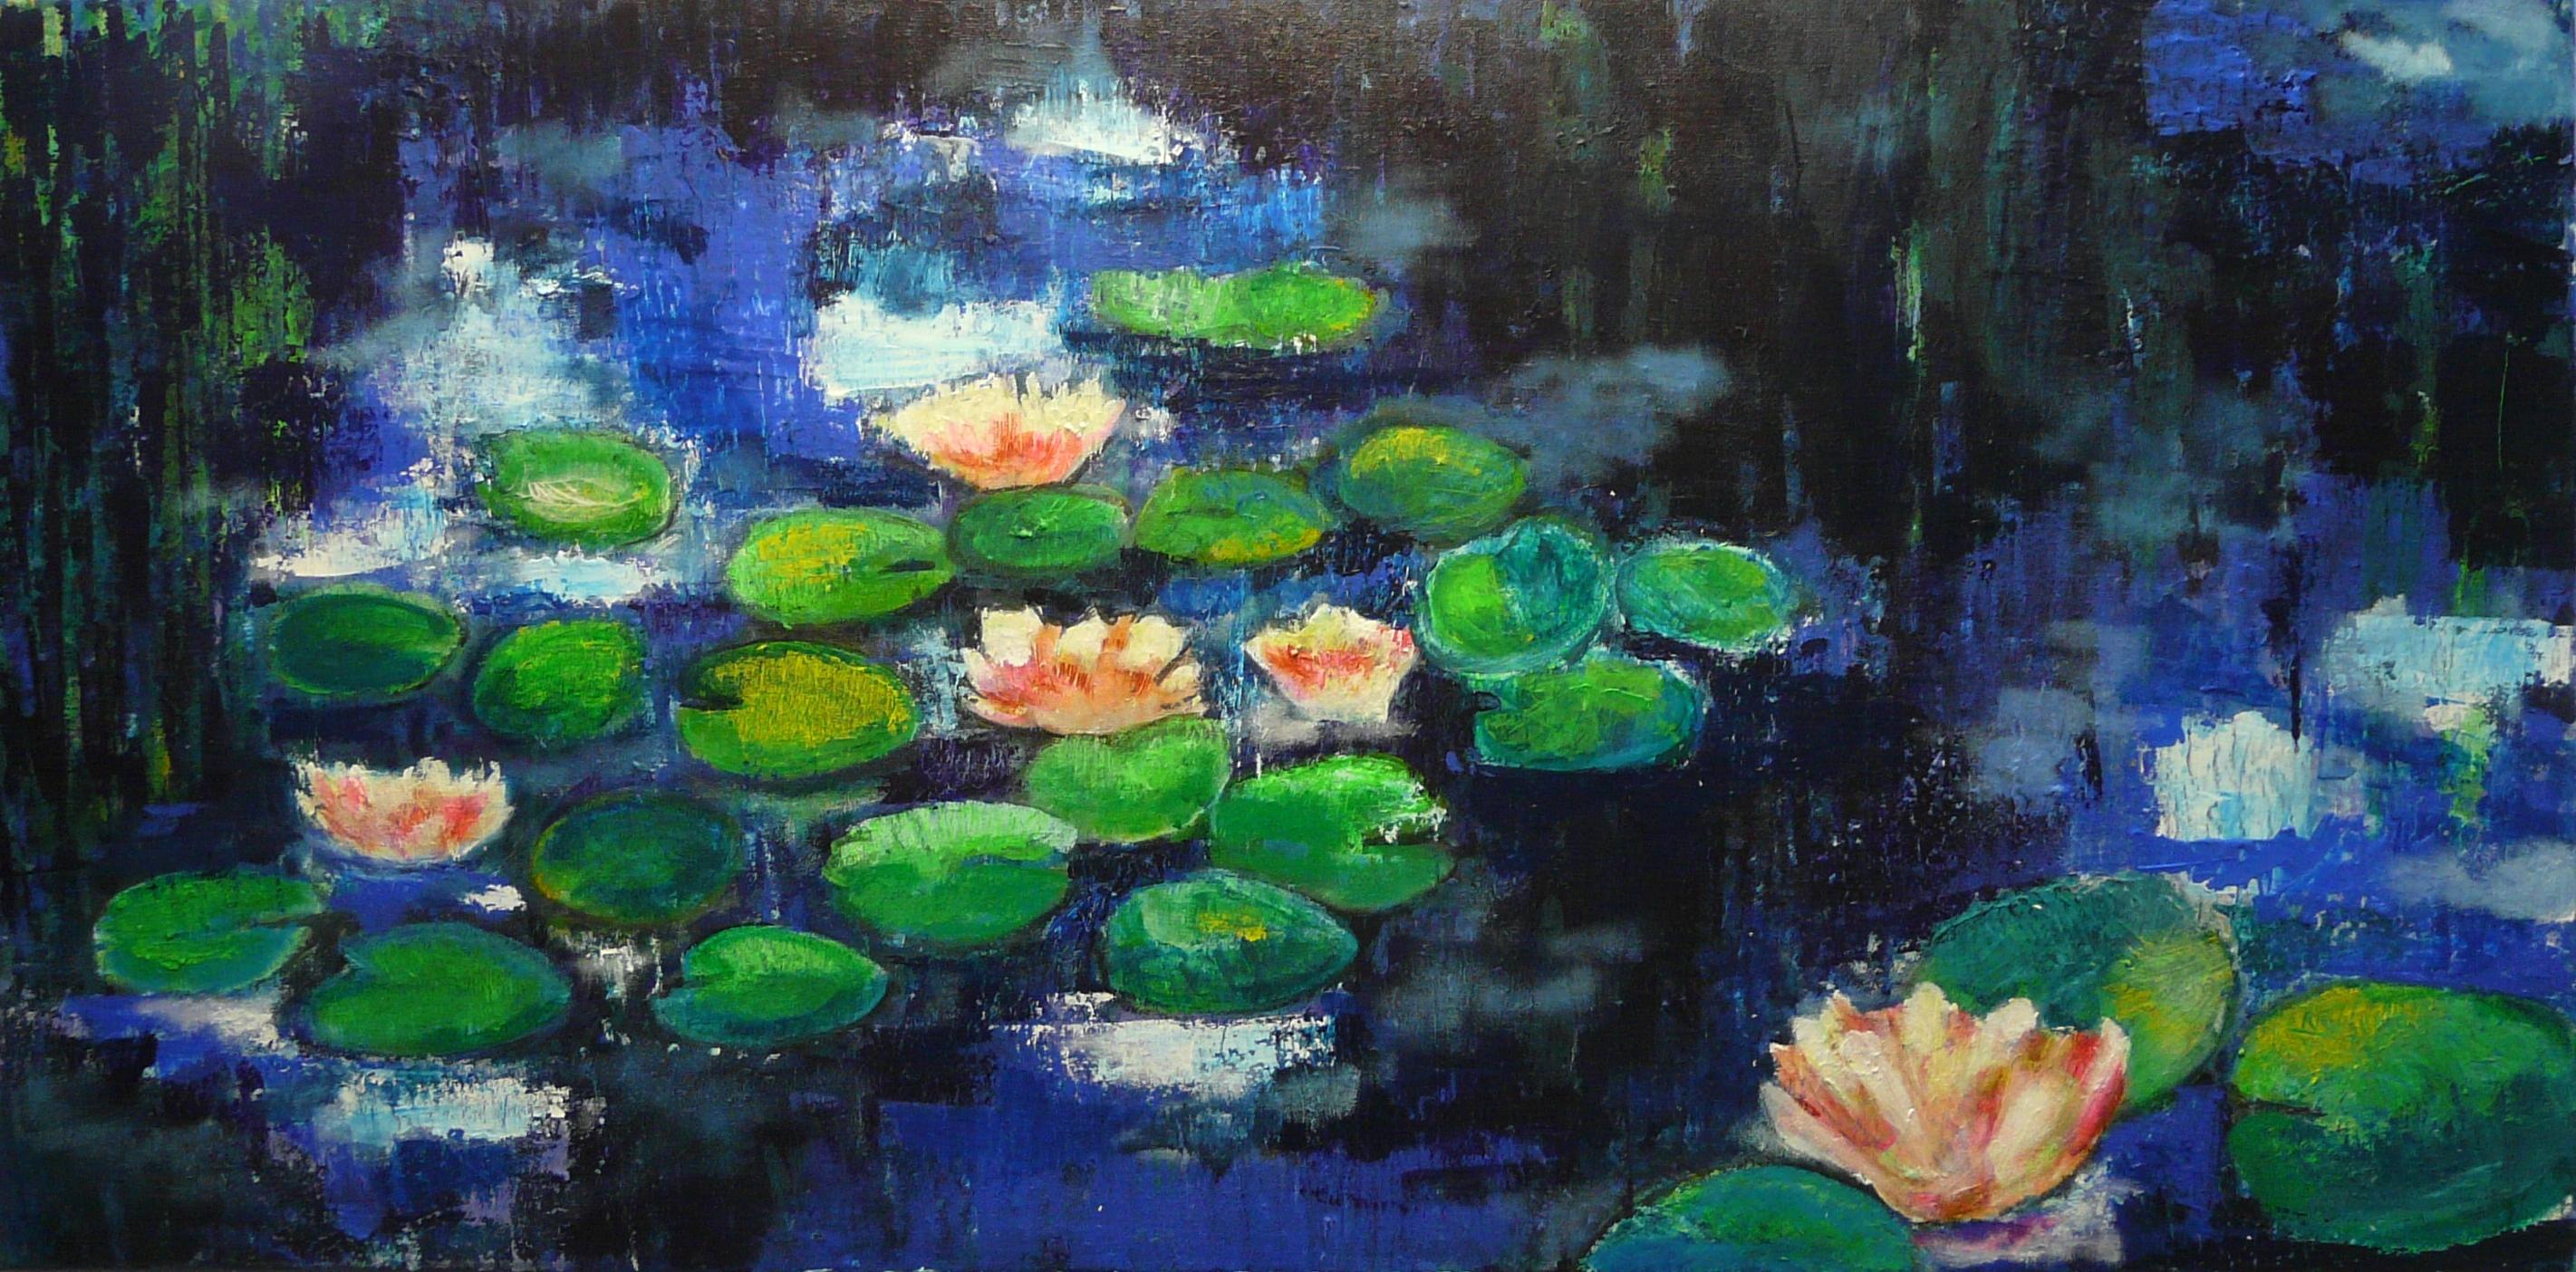 de lelies van mevrouw Monet